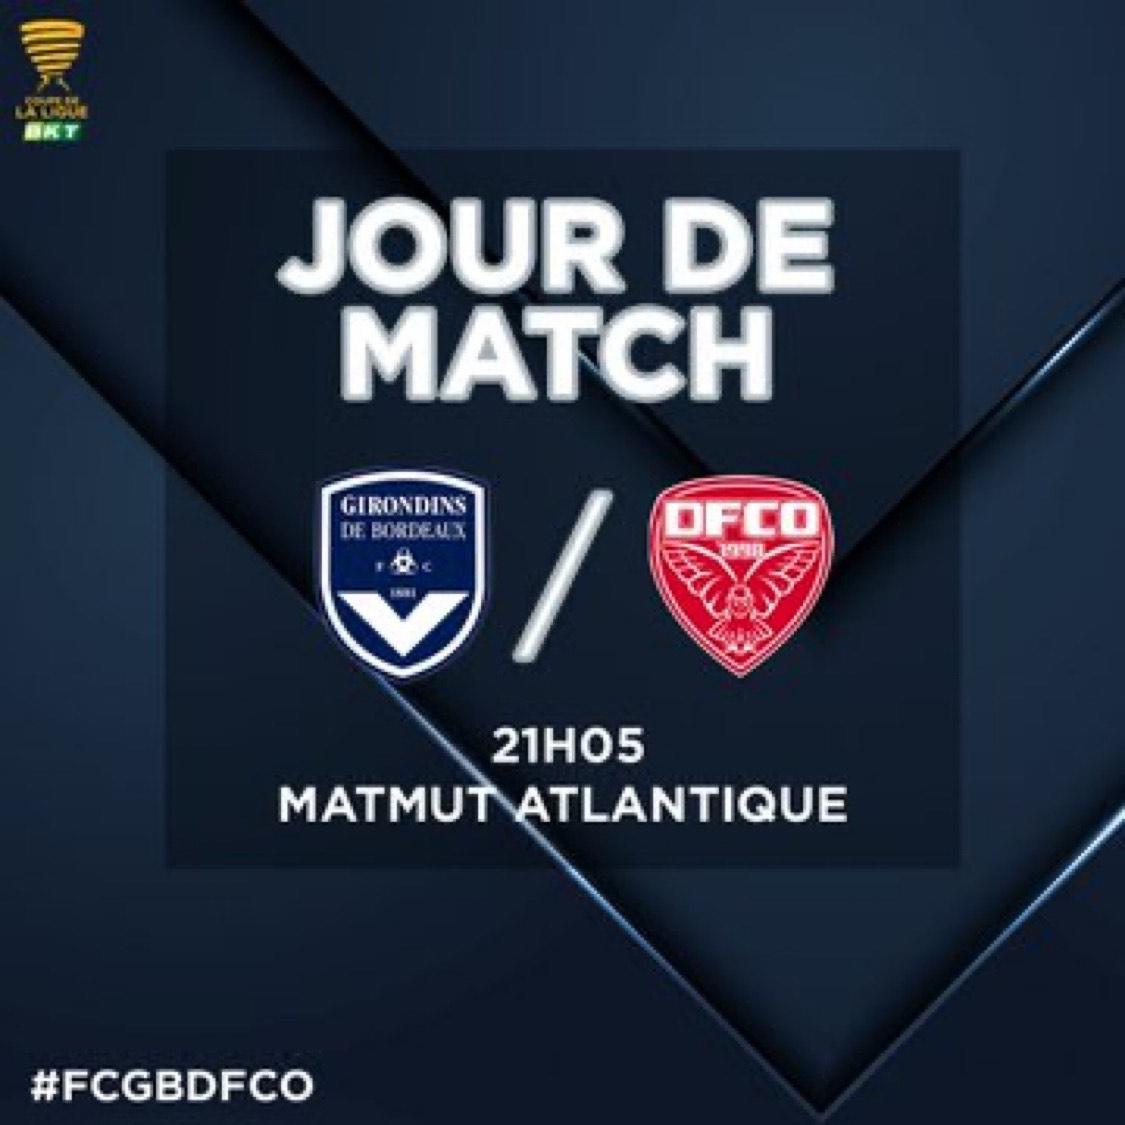 [Abonnés] Billet pour le Match FCGB - Dijon gratuit pour les abonnés (10€ pour les autres) - Matmut Atlantique (33)